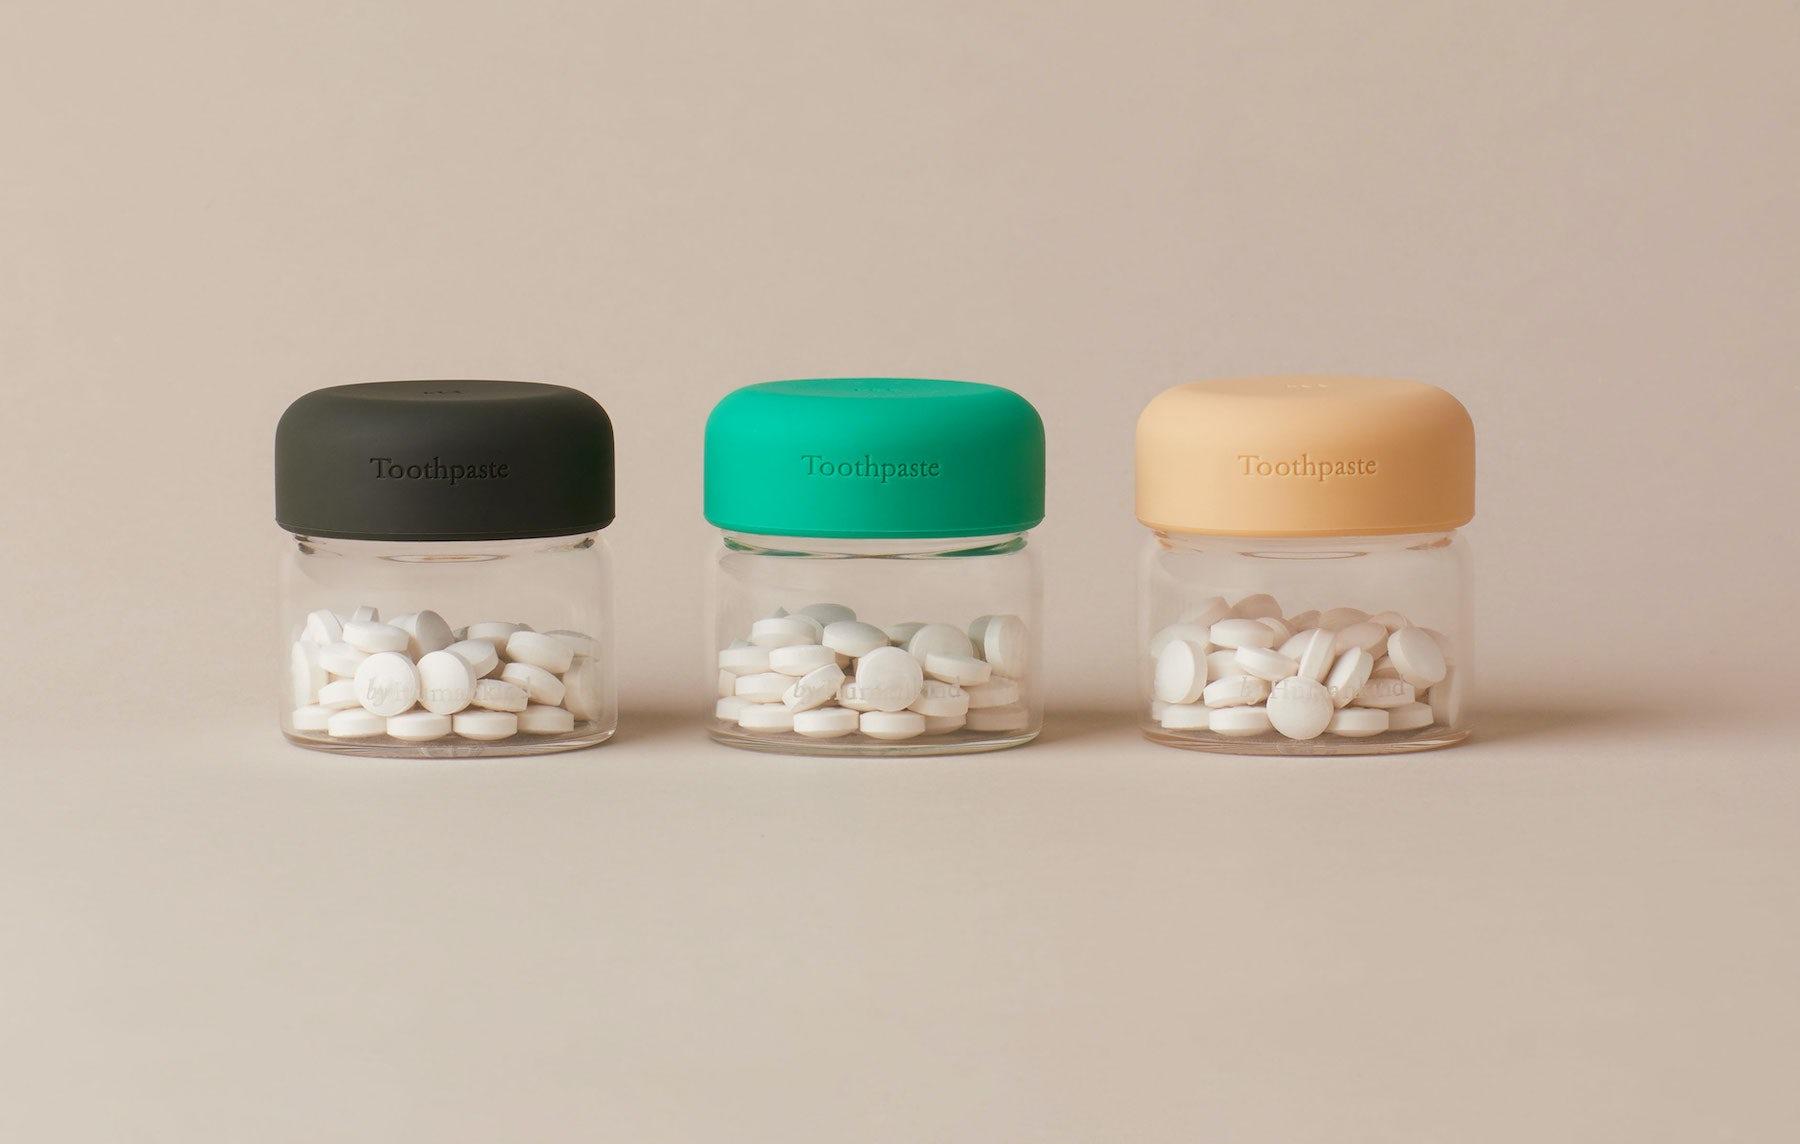 创业公司By Humankind推出的牙膏是片剂,并配有可重复使用的罐子。人类。